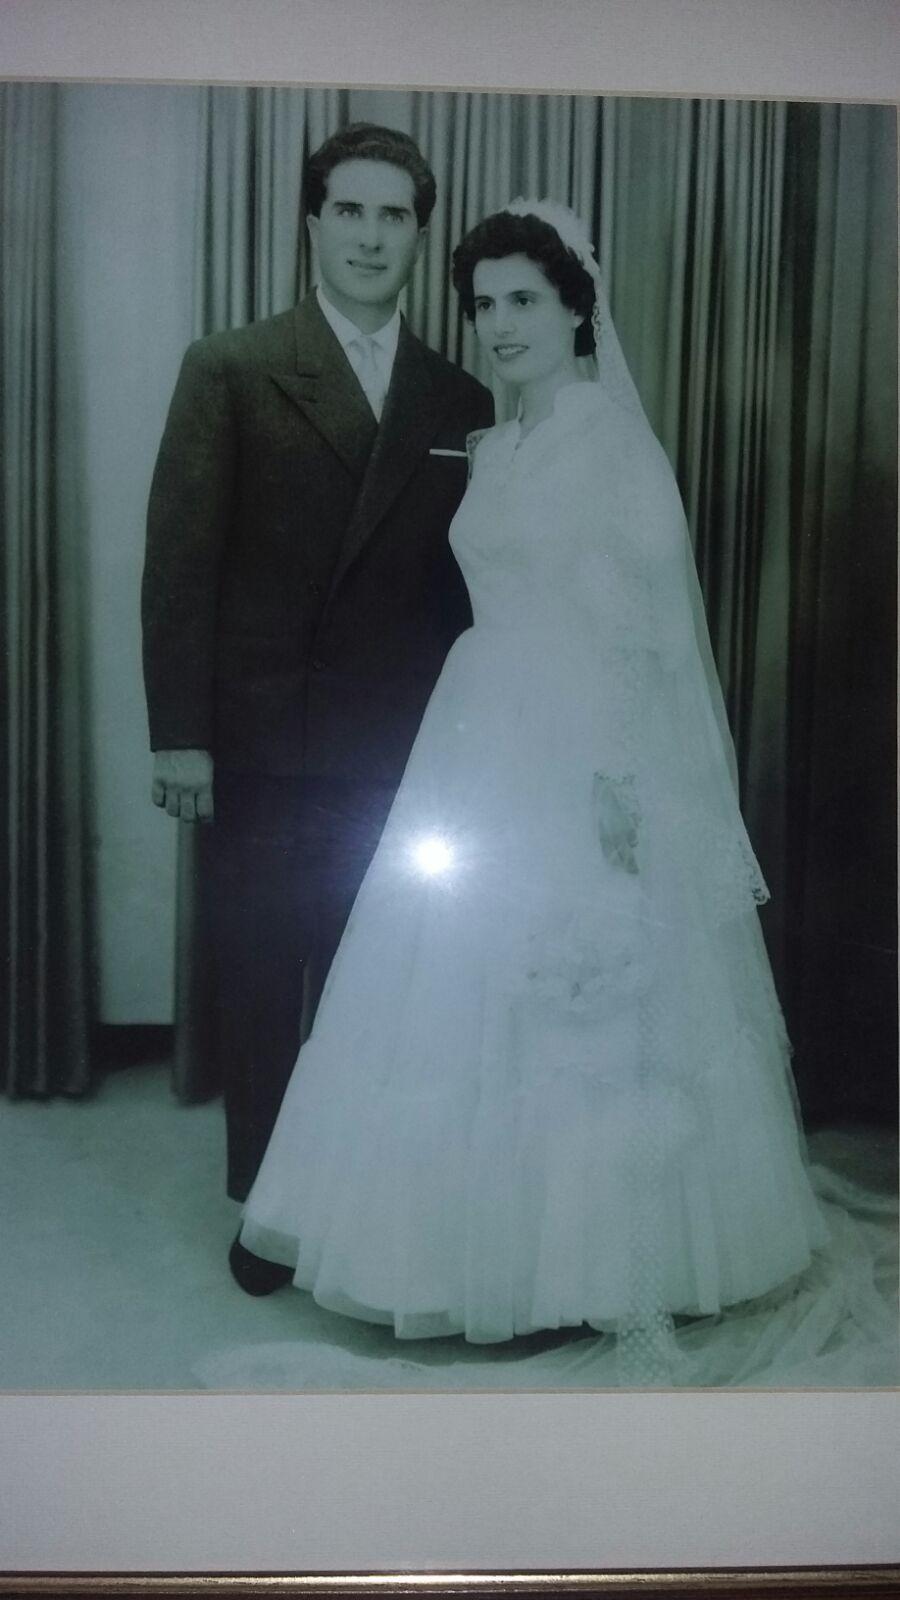 https://www.ragusanews.com//immagini_articoli/08-09-2016/1473330993-1-sessant-anni-di-matrimonio-per-pietro-e-vincenza.jpg